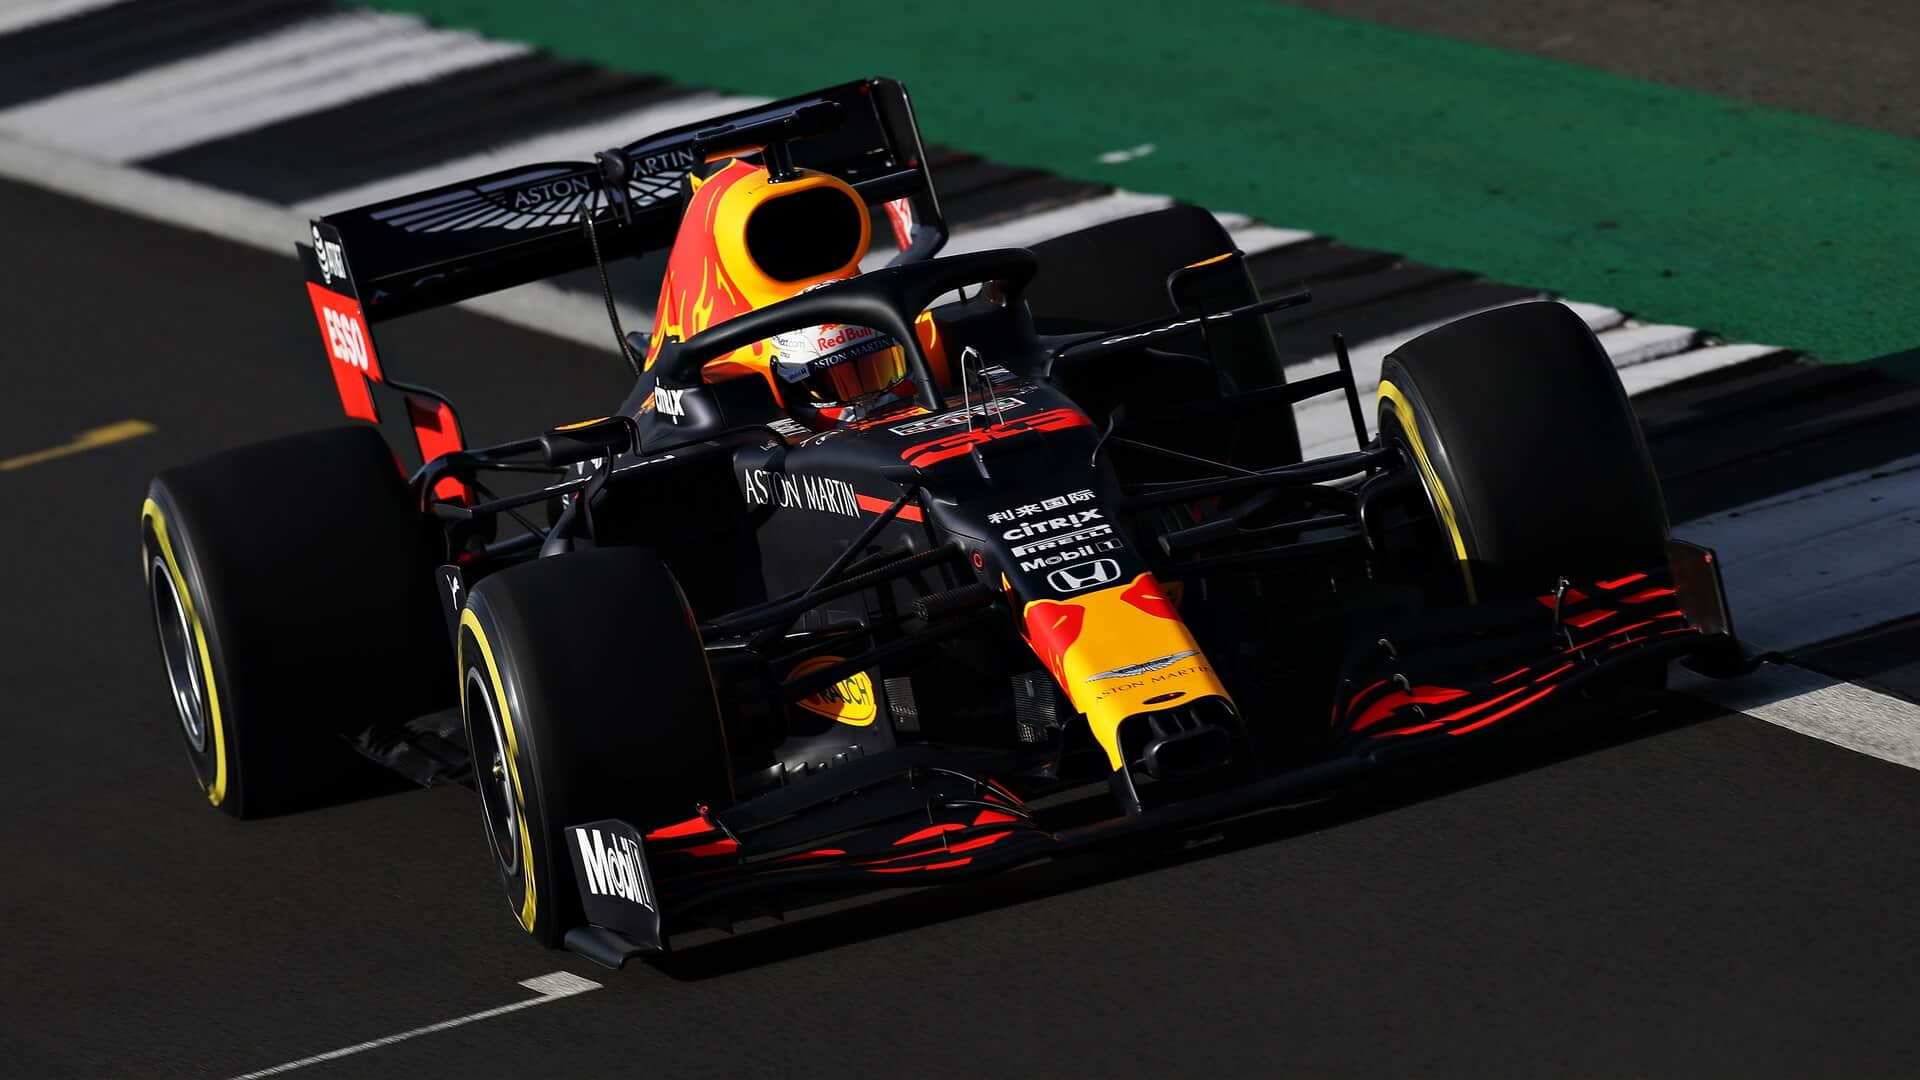 2020 Formule 1-seizoen: wat is nieuw?